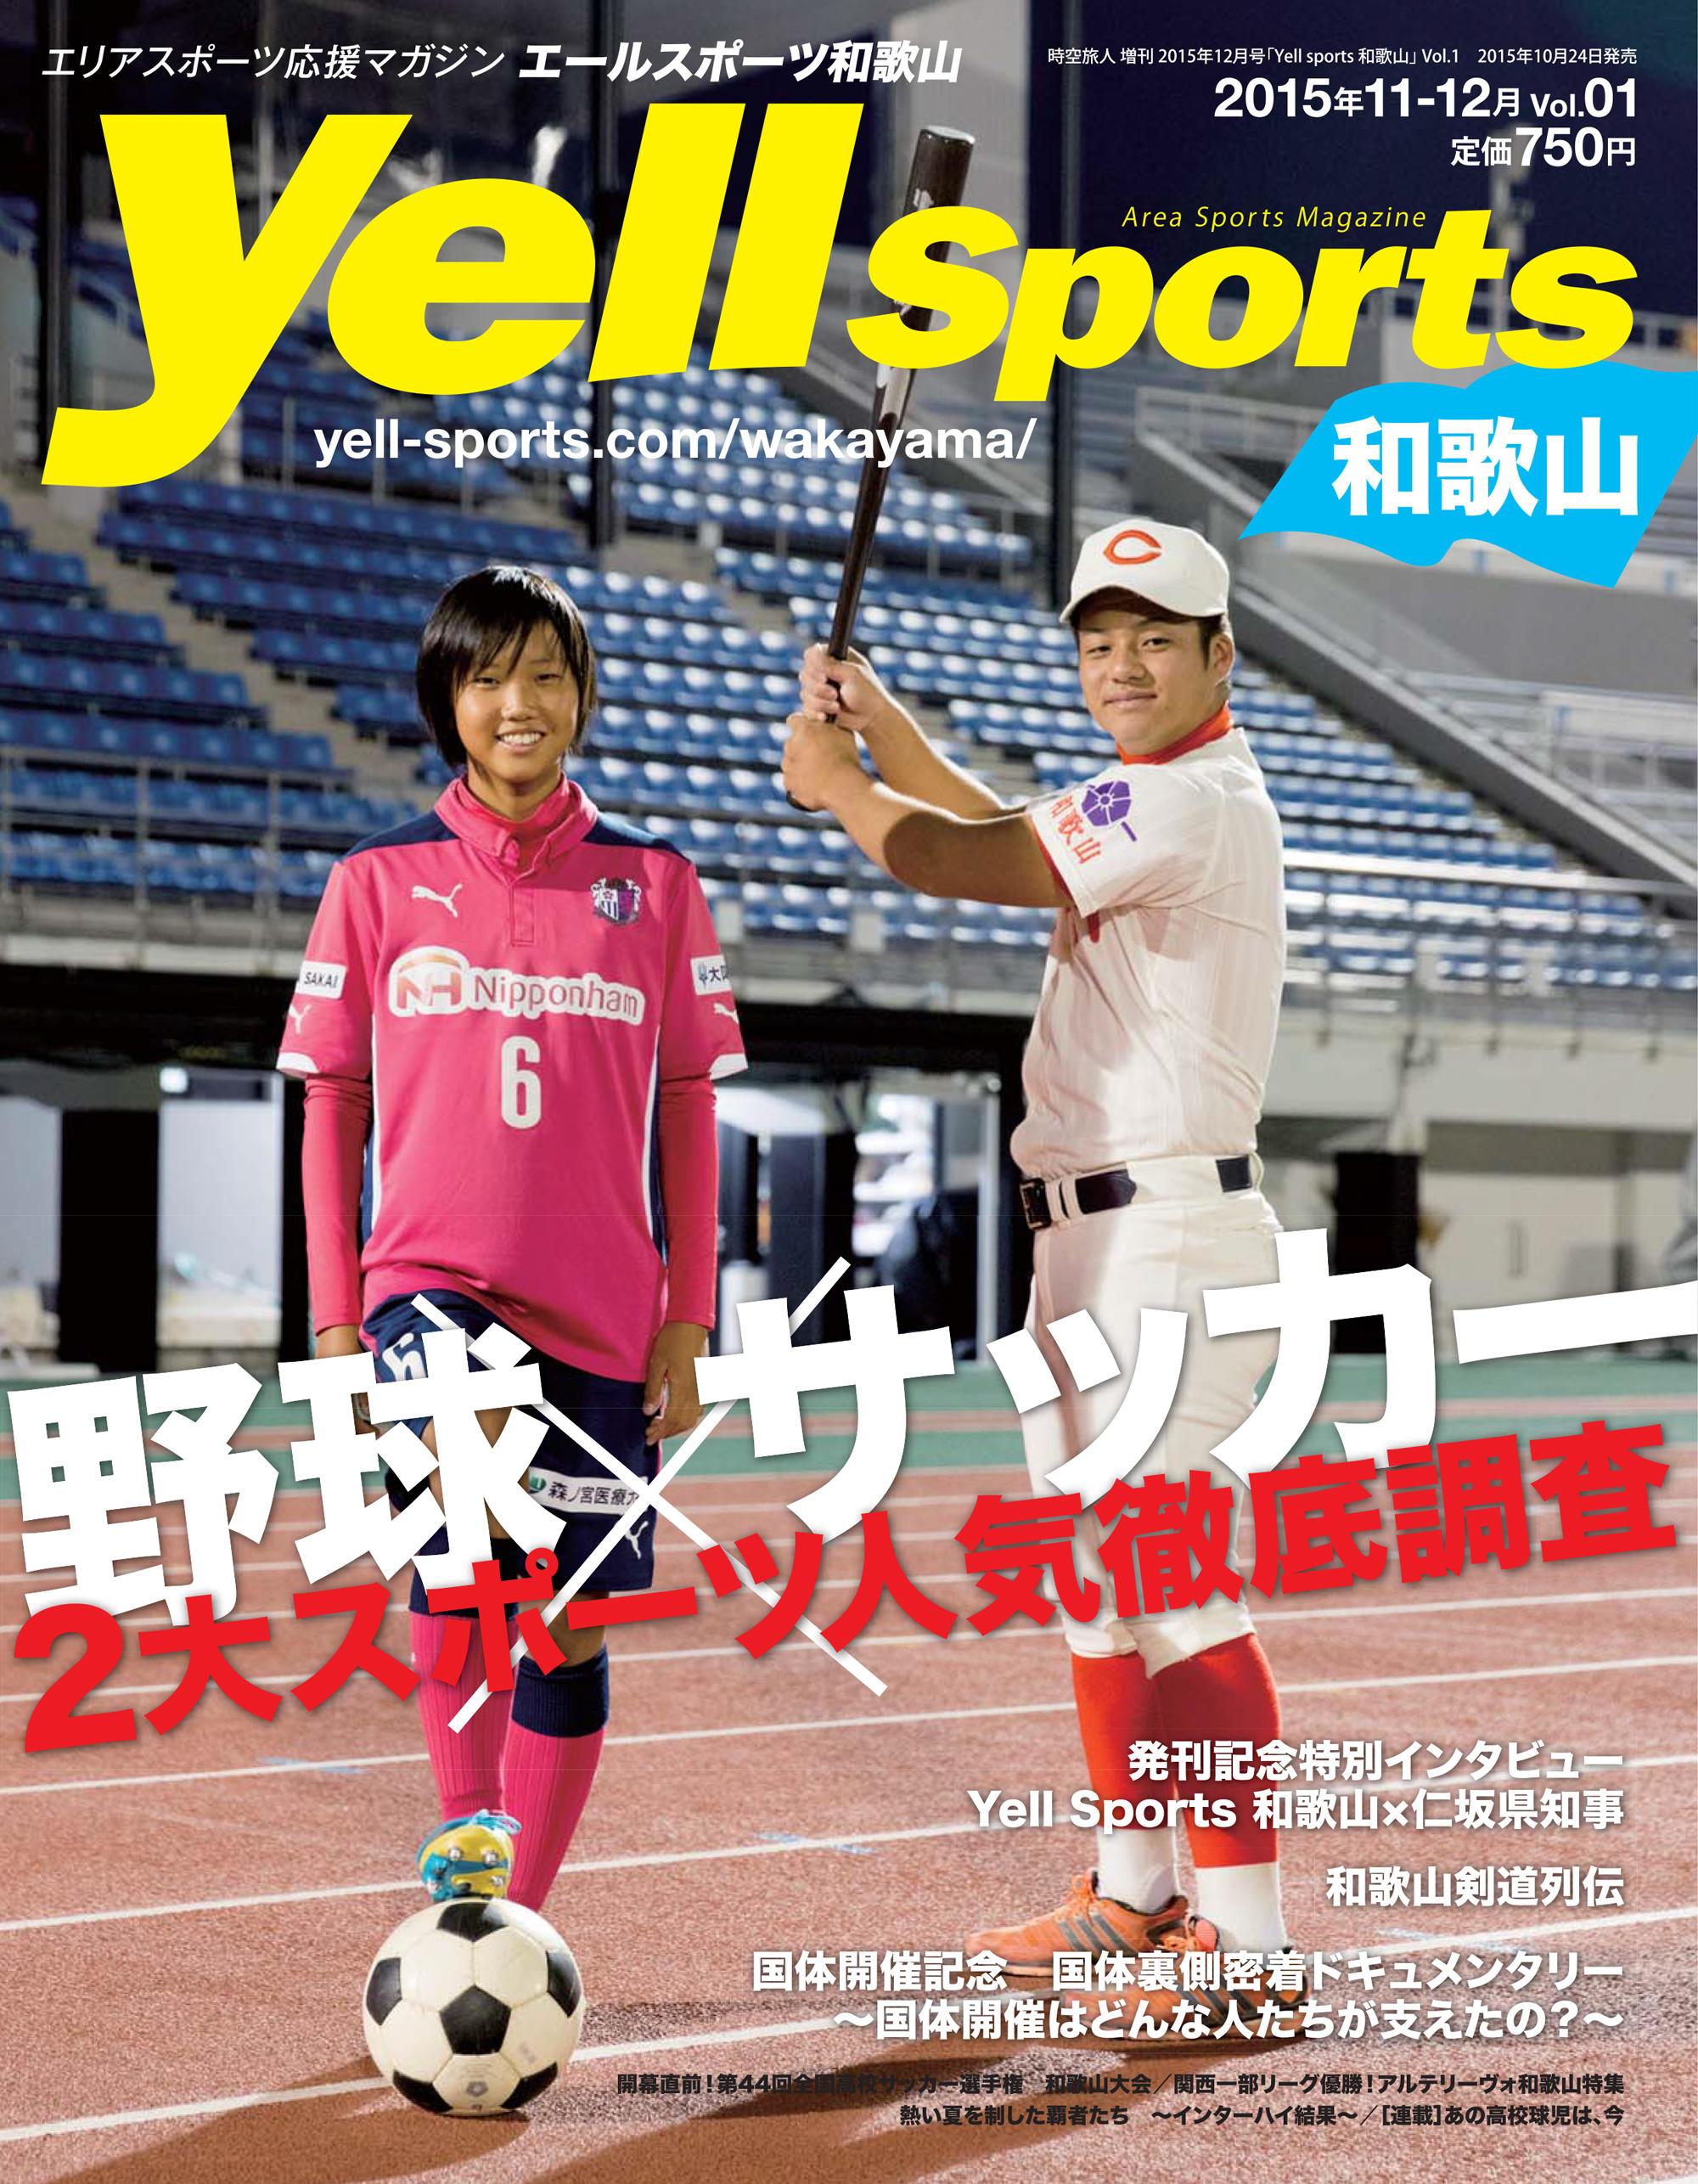 http://scrummachines.sakura.ne.jp/yell/wakayama/article/2015/wakayama1_1.jpg